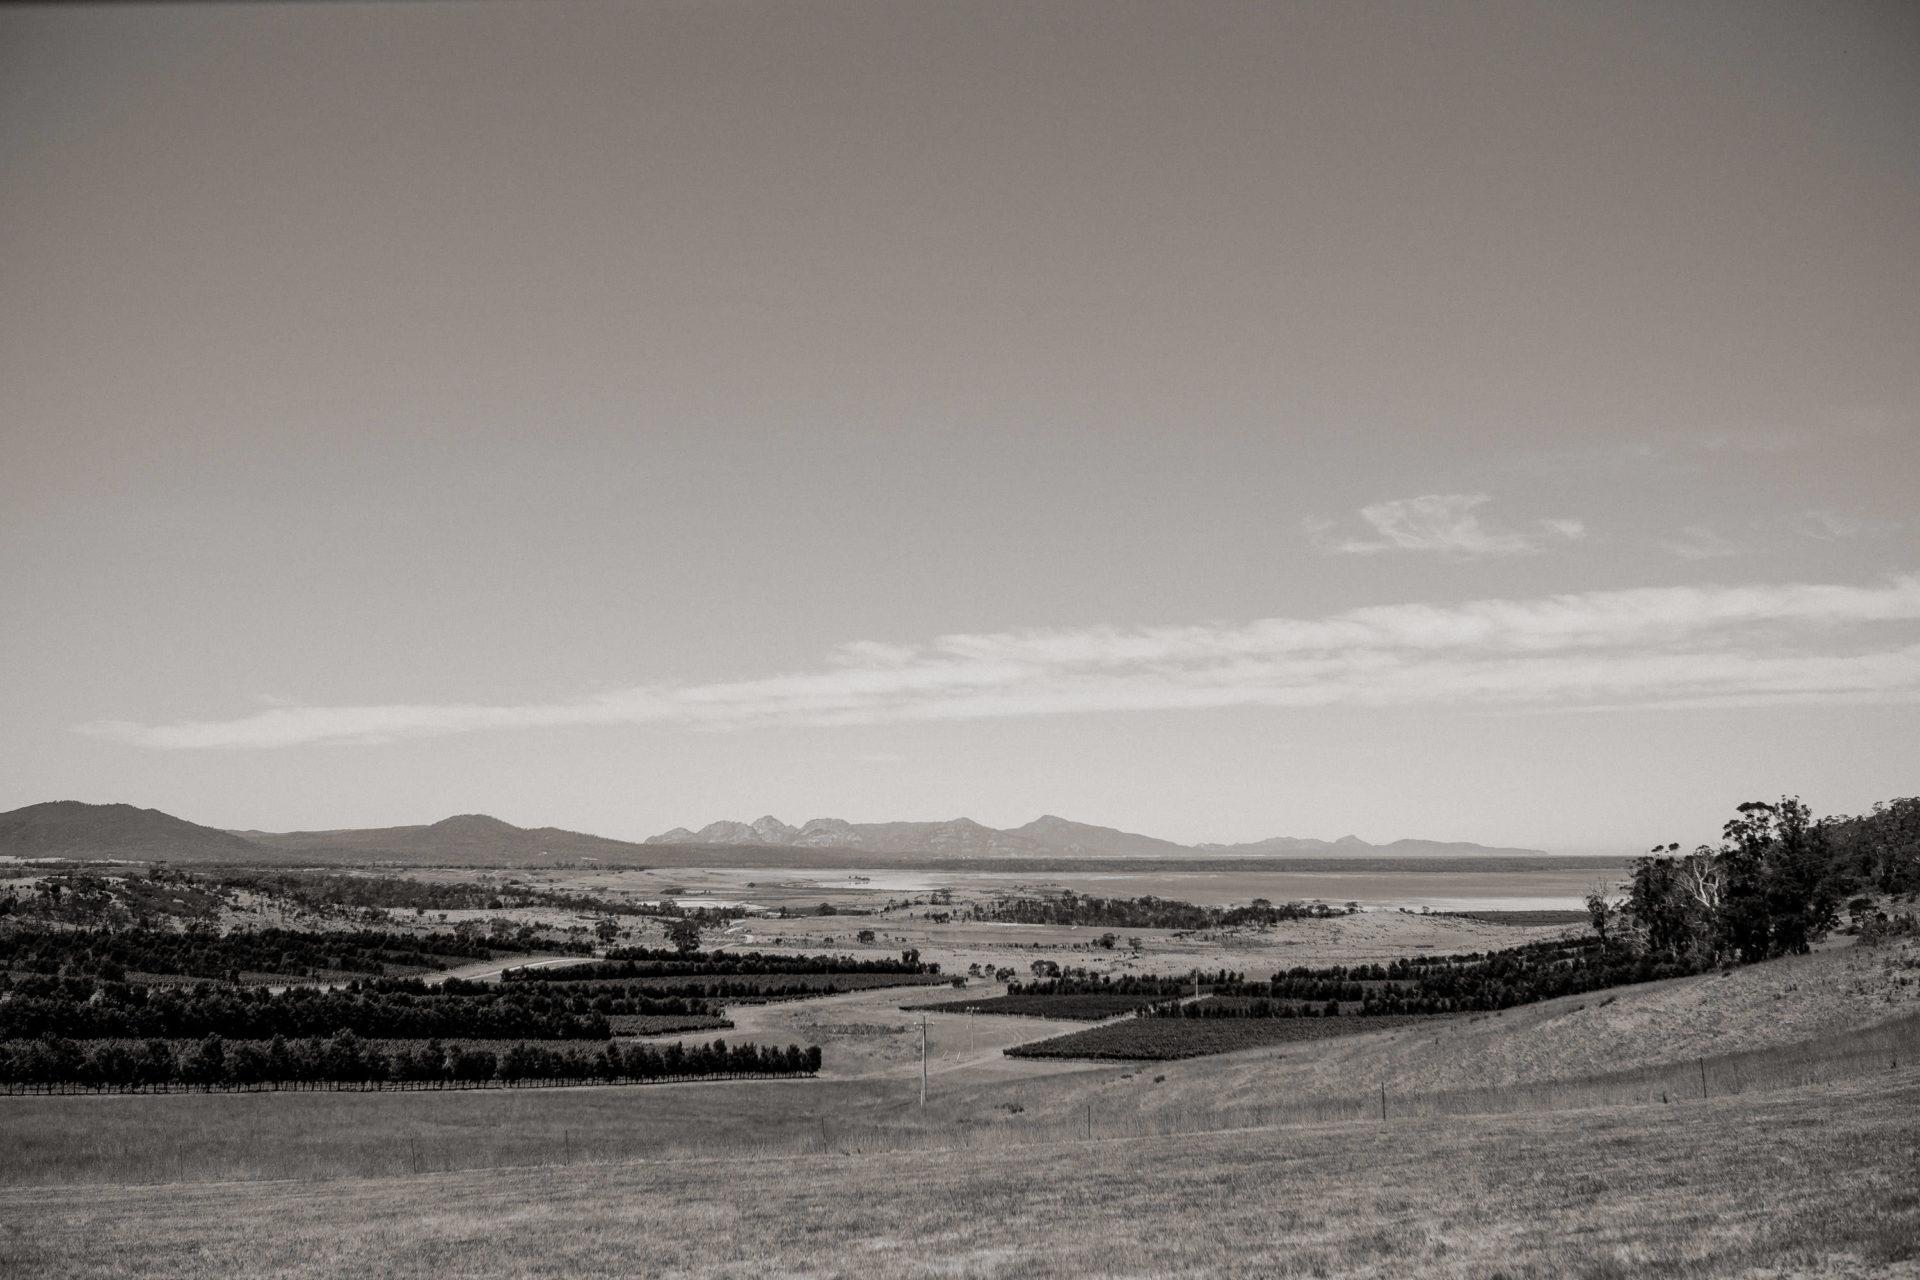 Tasmanien-erleben-roadtrip-rundreise-wunderschöne langschaften-devils corner wein-